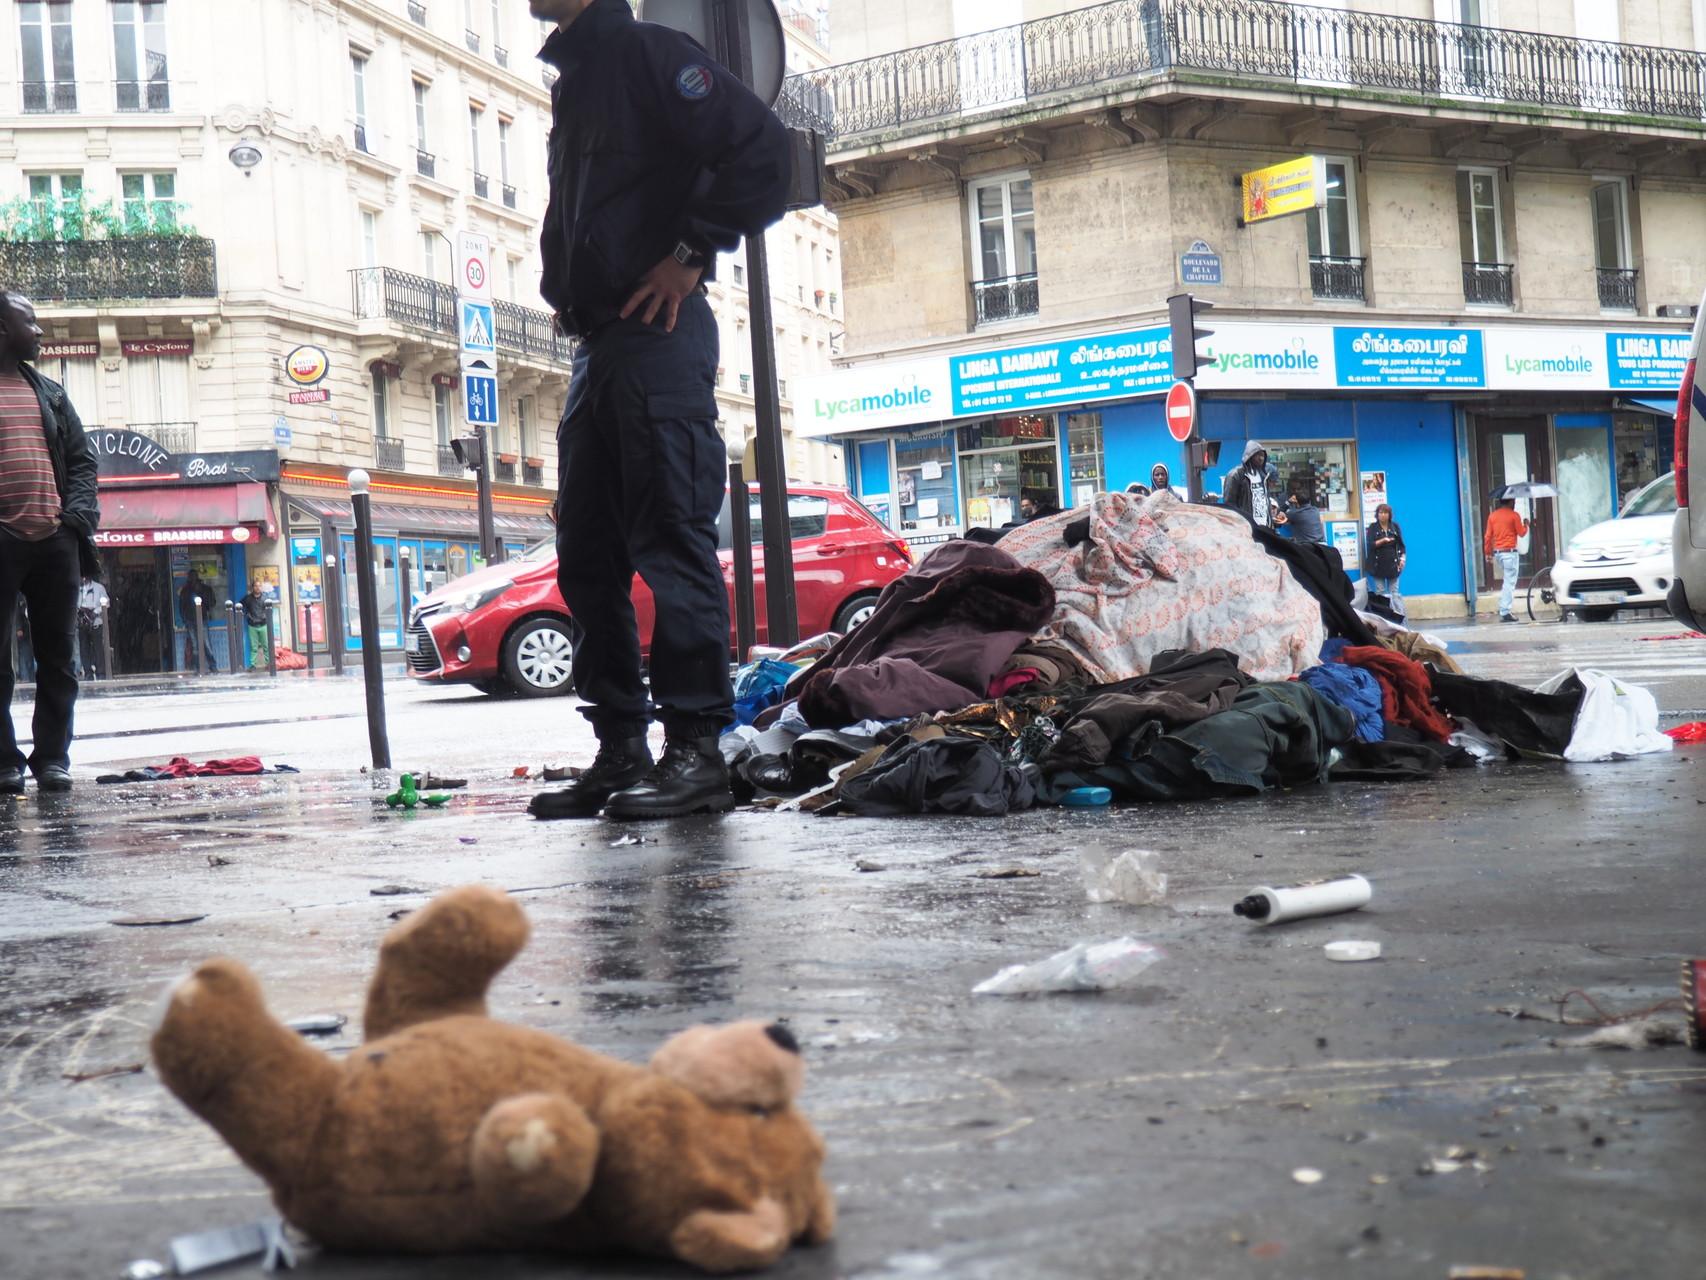 Les biffins laissent souvent leur marchandise sur place à l'arrivée des policiers